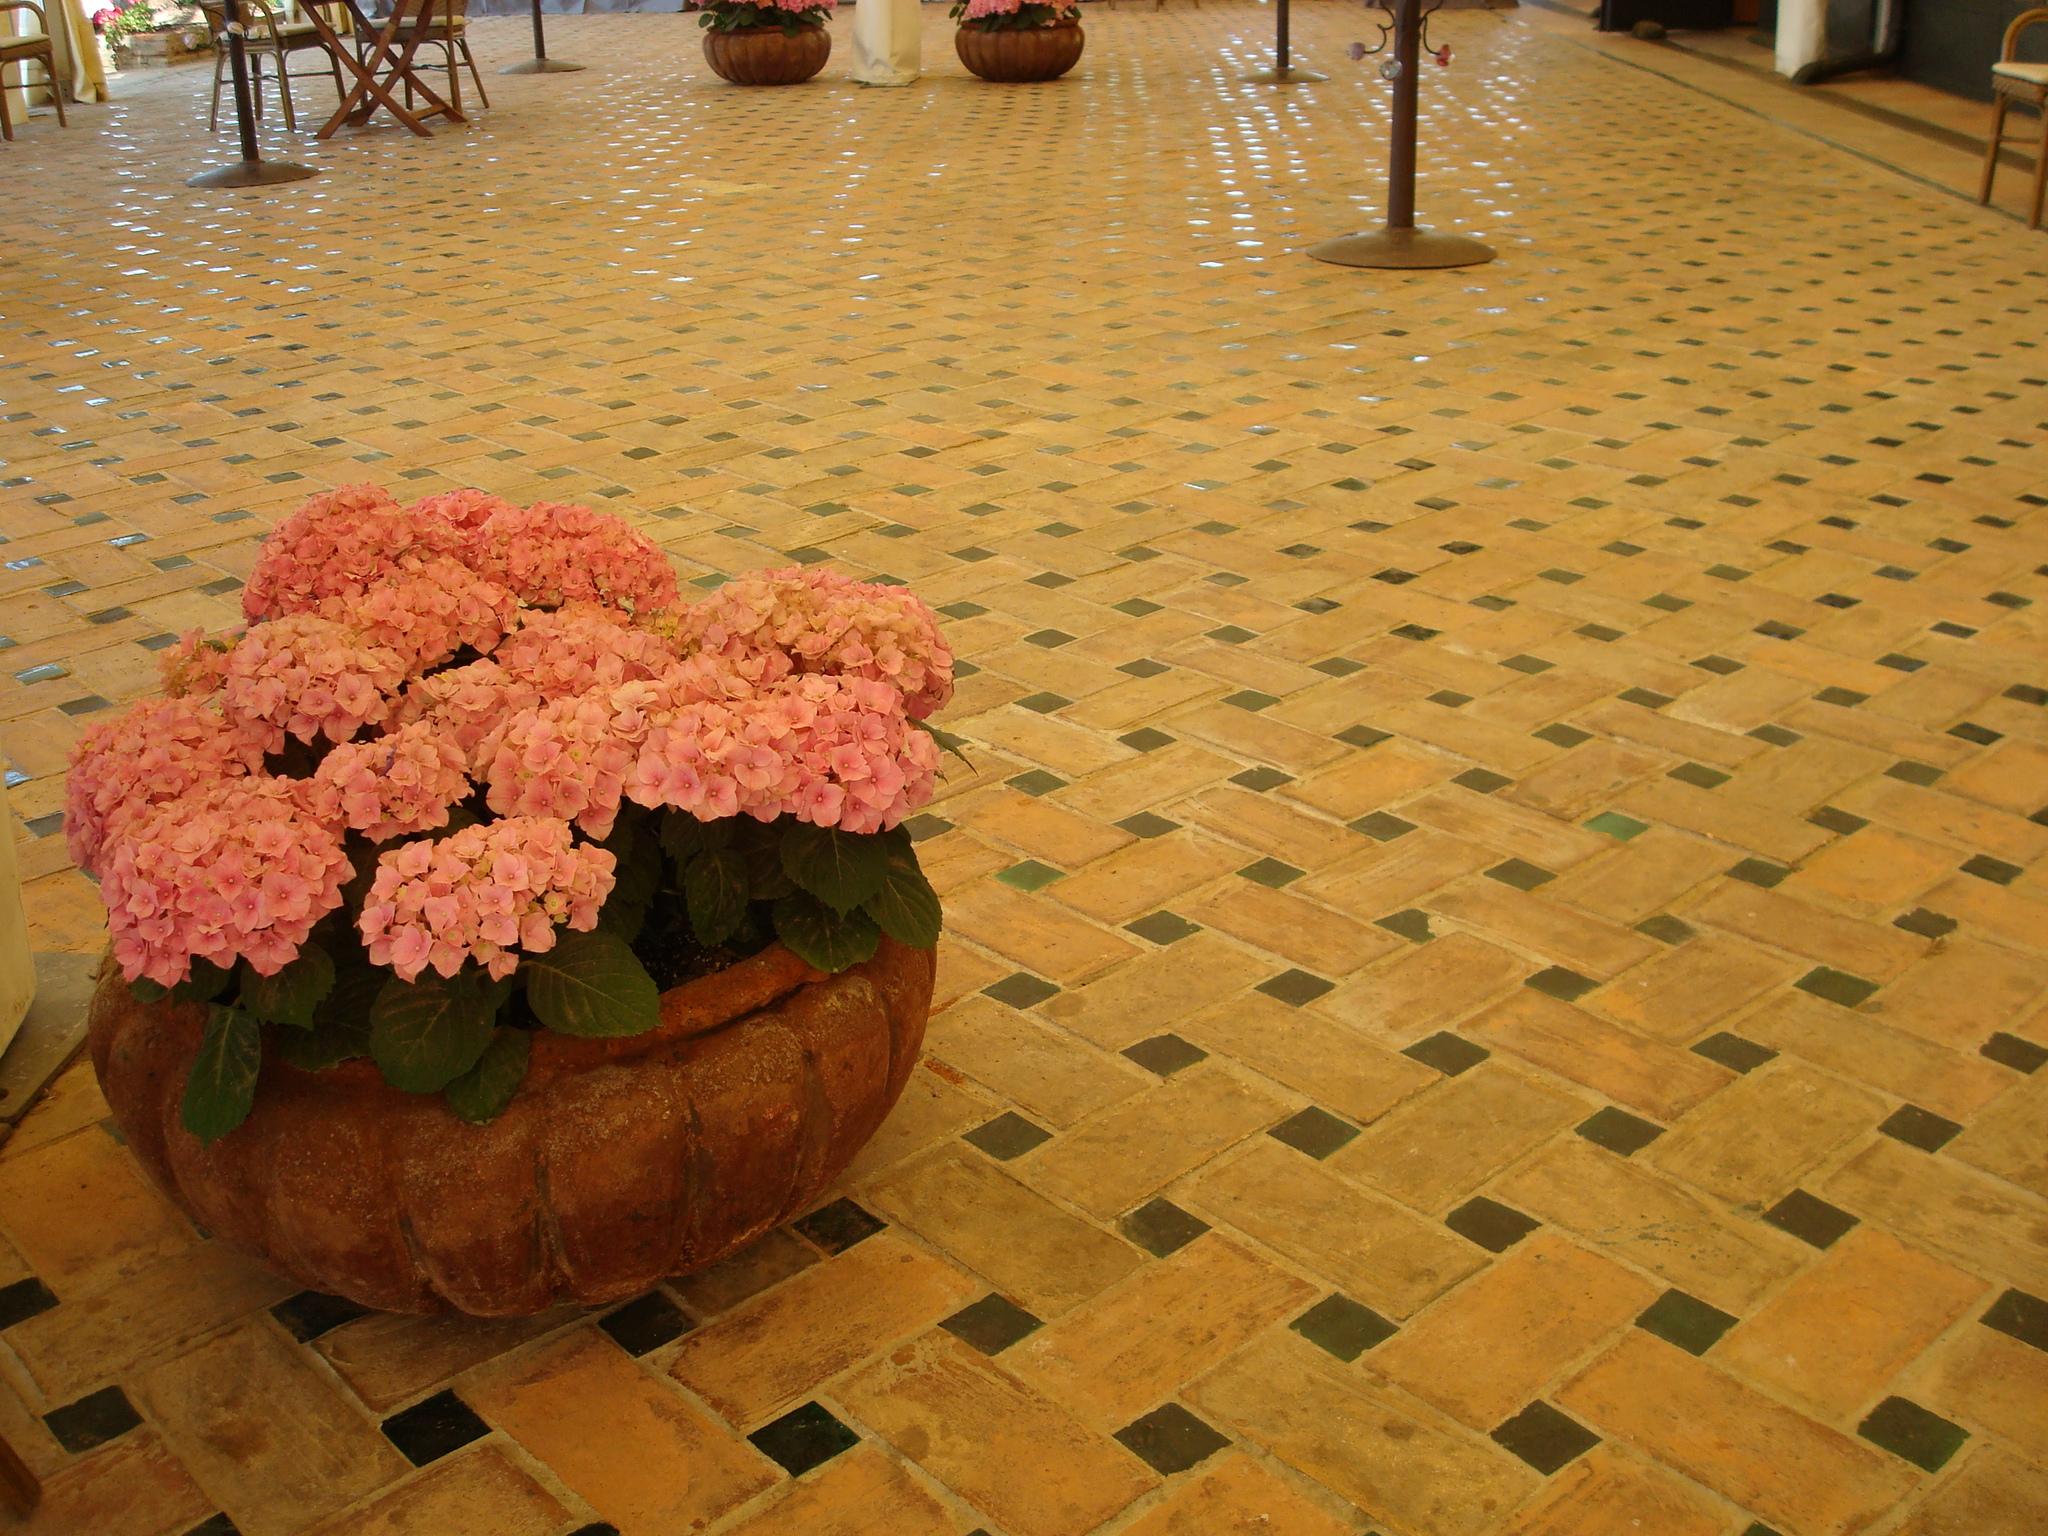 baldosas-de-barro-cocido-baldosas-hechas-a-mano-fabricacion-a-mano-suelos-de-terracota-baldosas-de-terracota